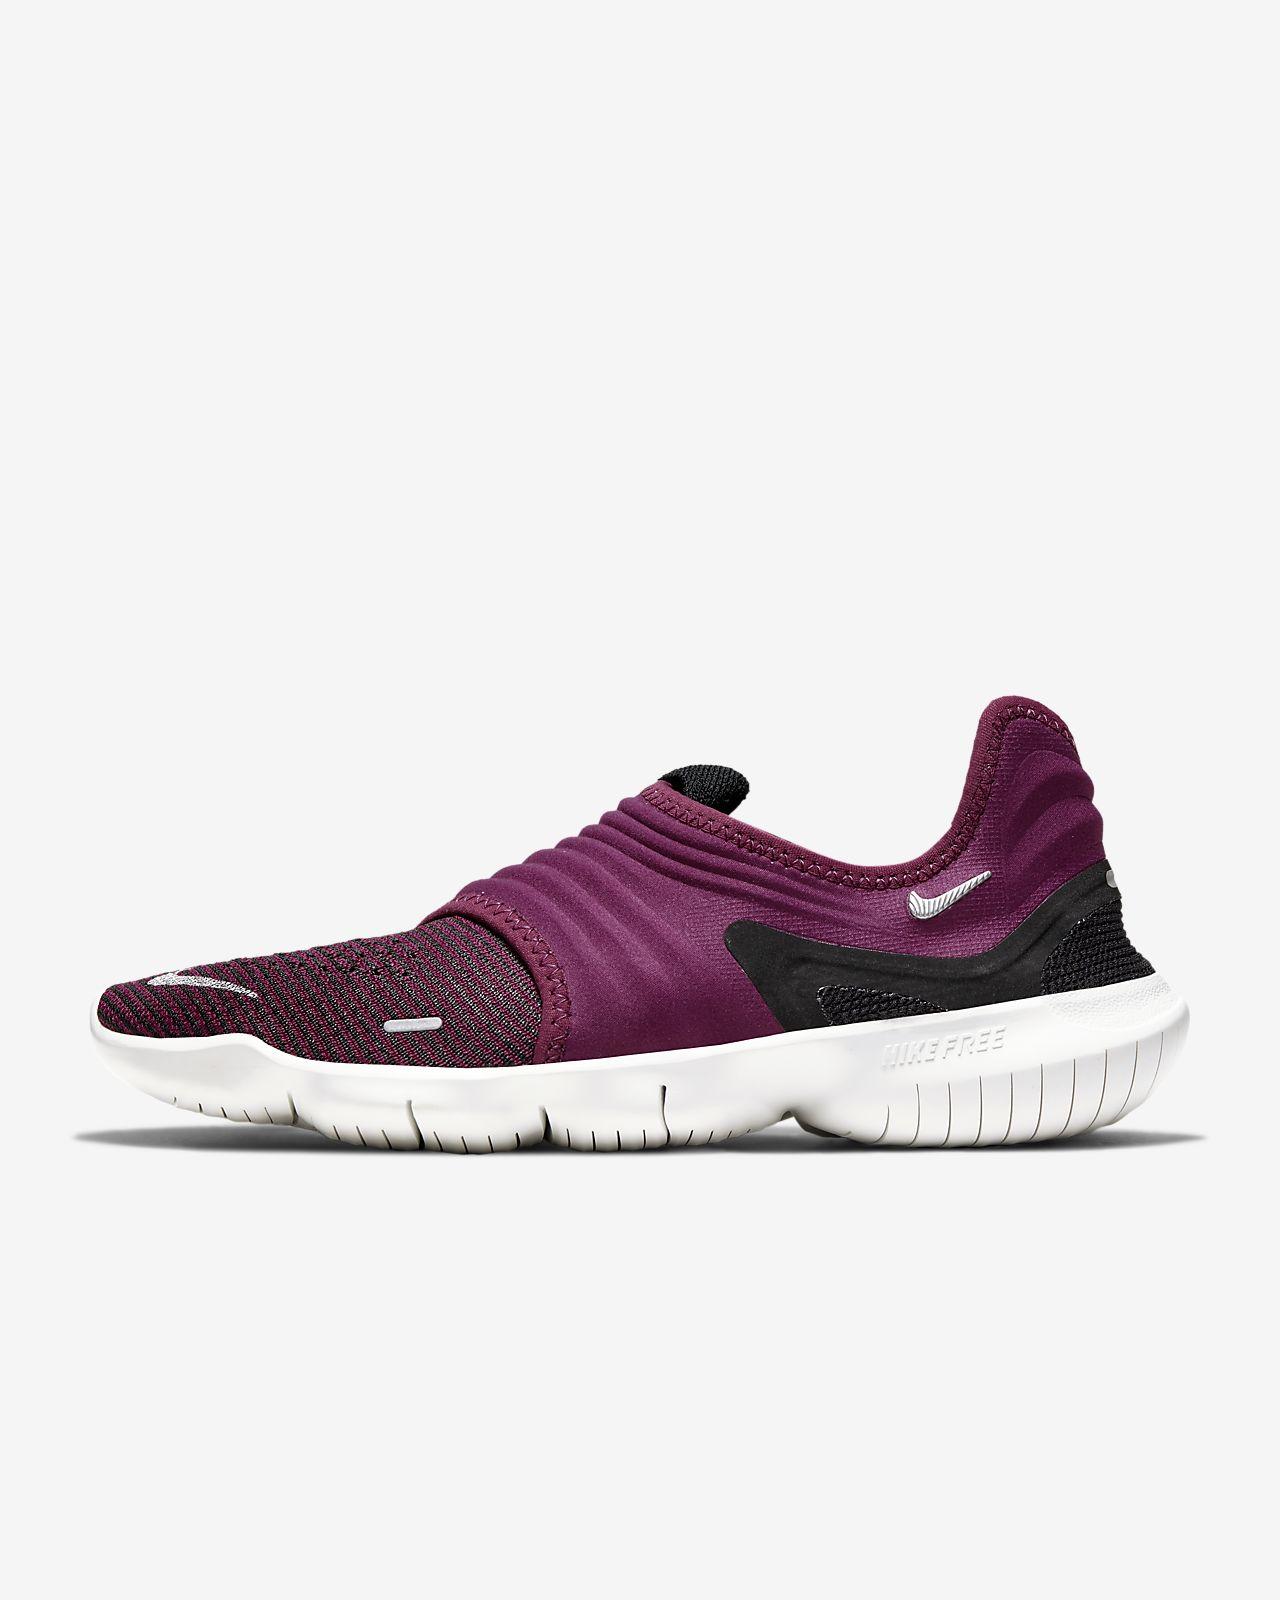 Nike Free RN Flyknit 2018 Pink White